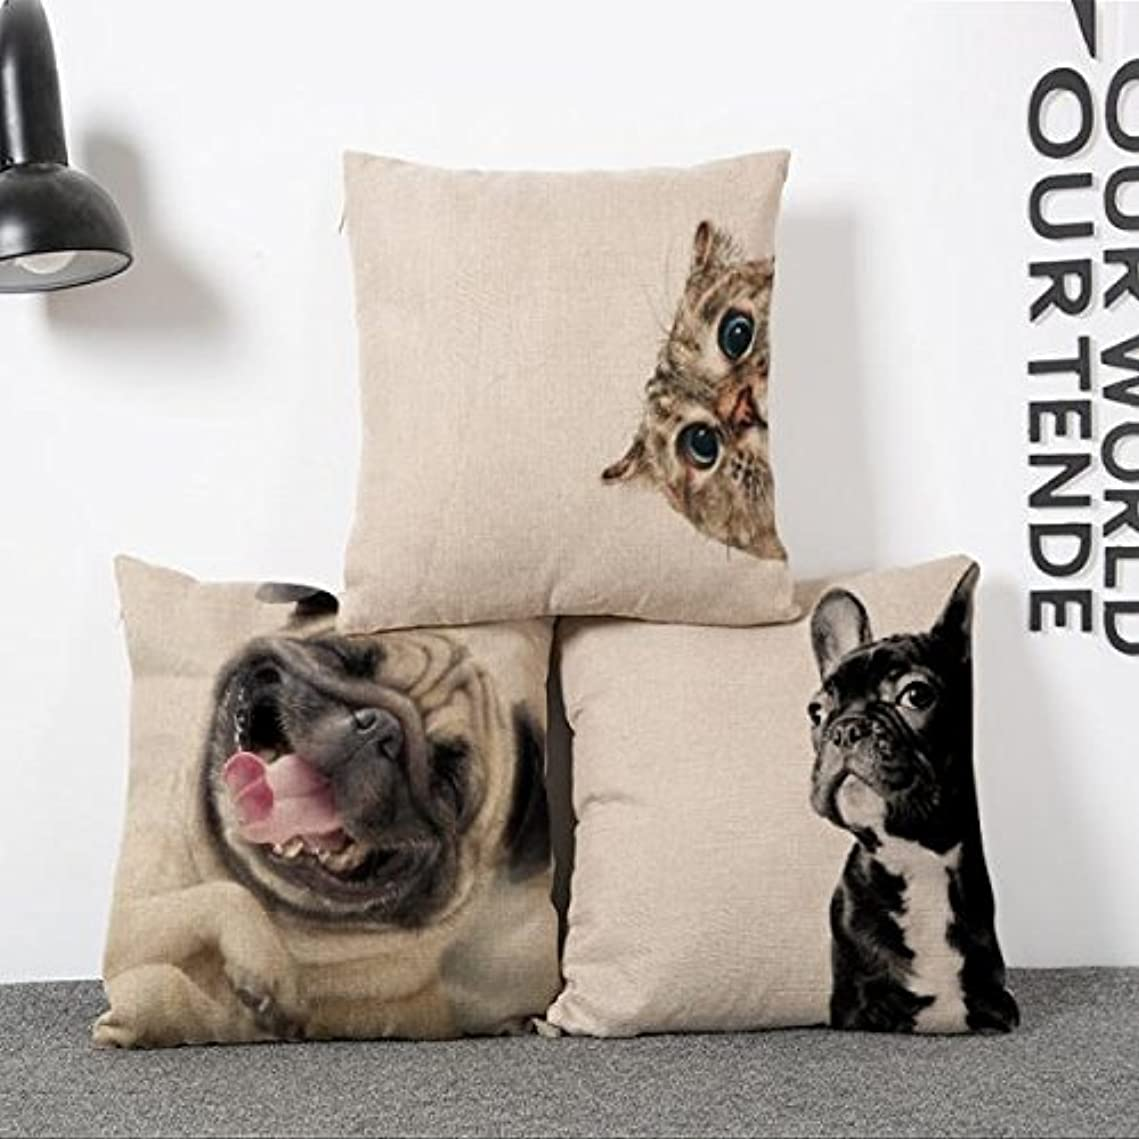 松明該当する体クッションカバー 枕カバー ベッド ソファ 装飾 45 * 45センチメートル 素敵 犬 コットン リネン